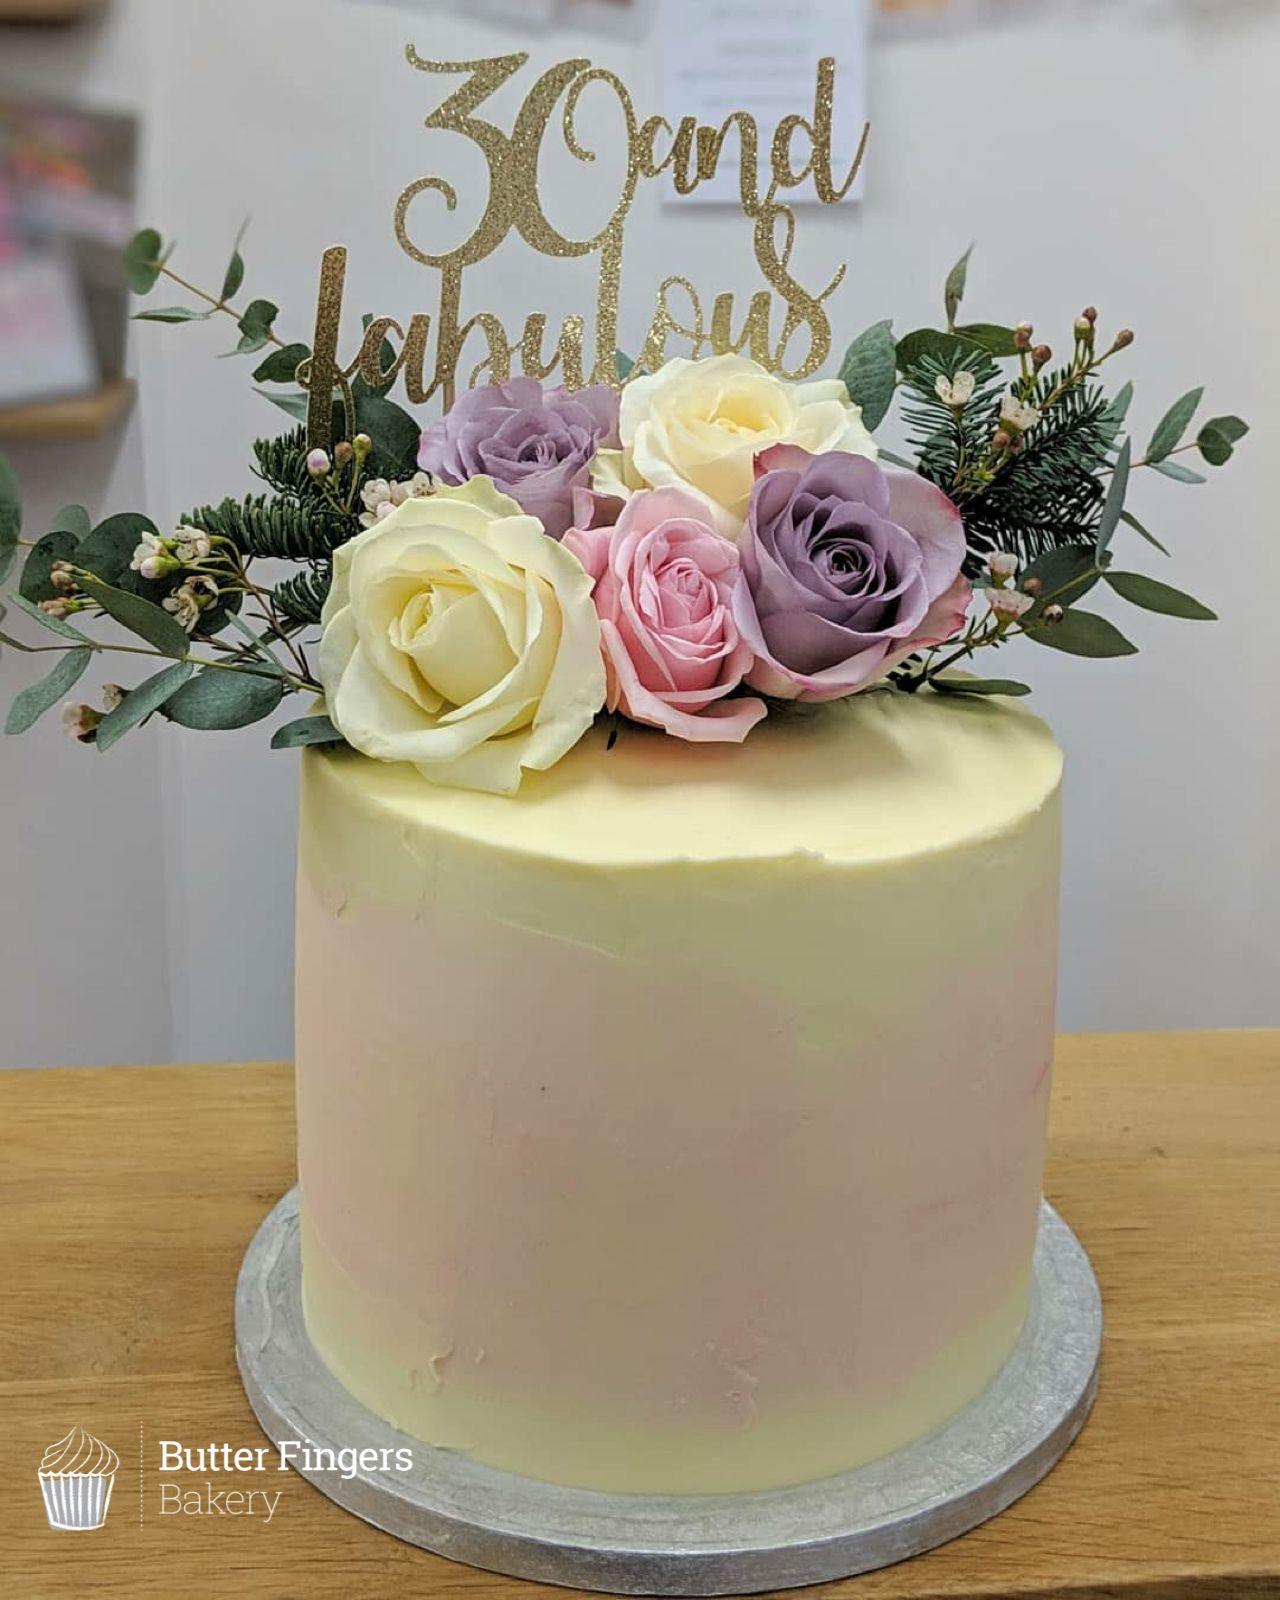 Butter Fingers Bakery Tasty Homemade Cakes Baked Freshly In Matlock Fresh Flower Cake Flower Cake Toppers Purple Cakes Birthday [ 1600 x 1280 Pixel ]